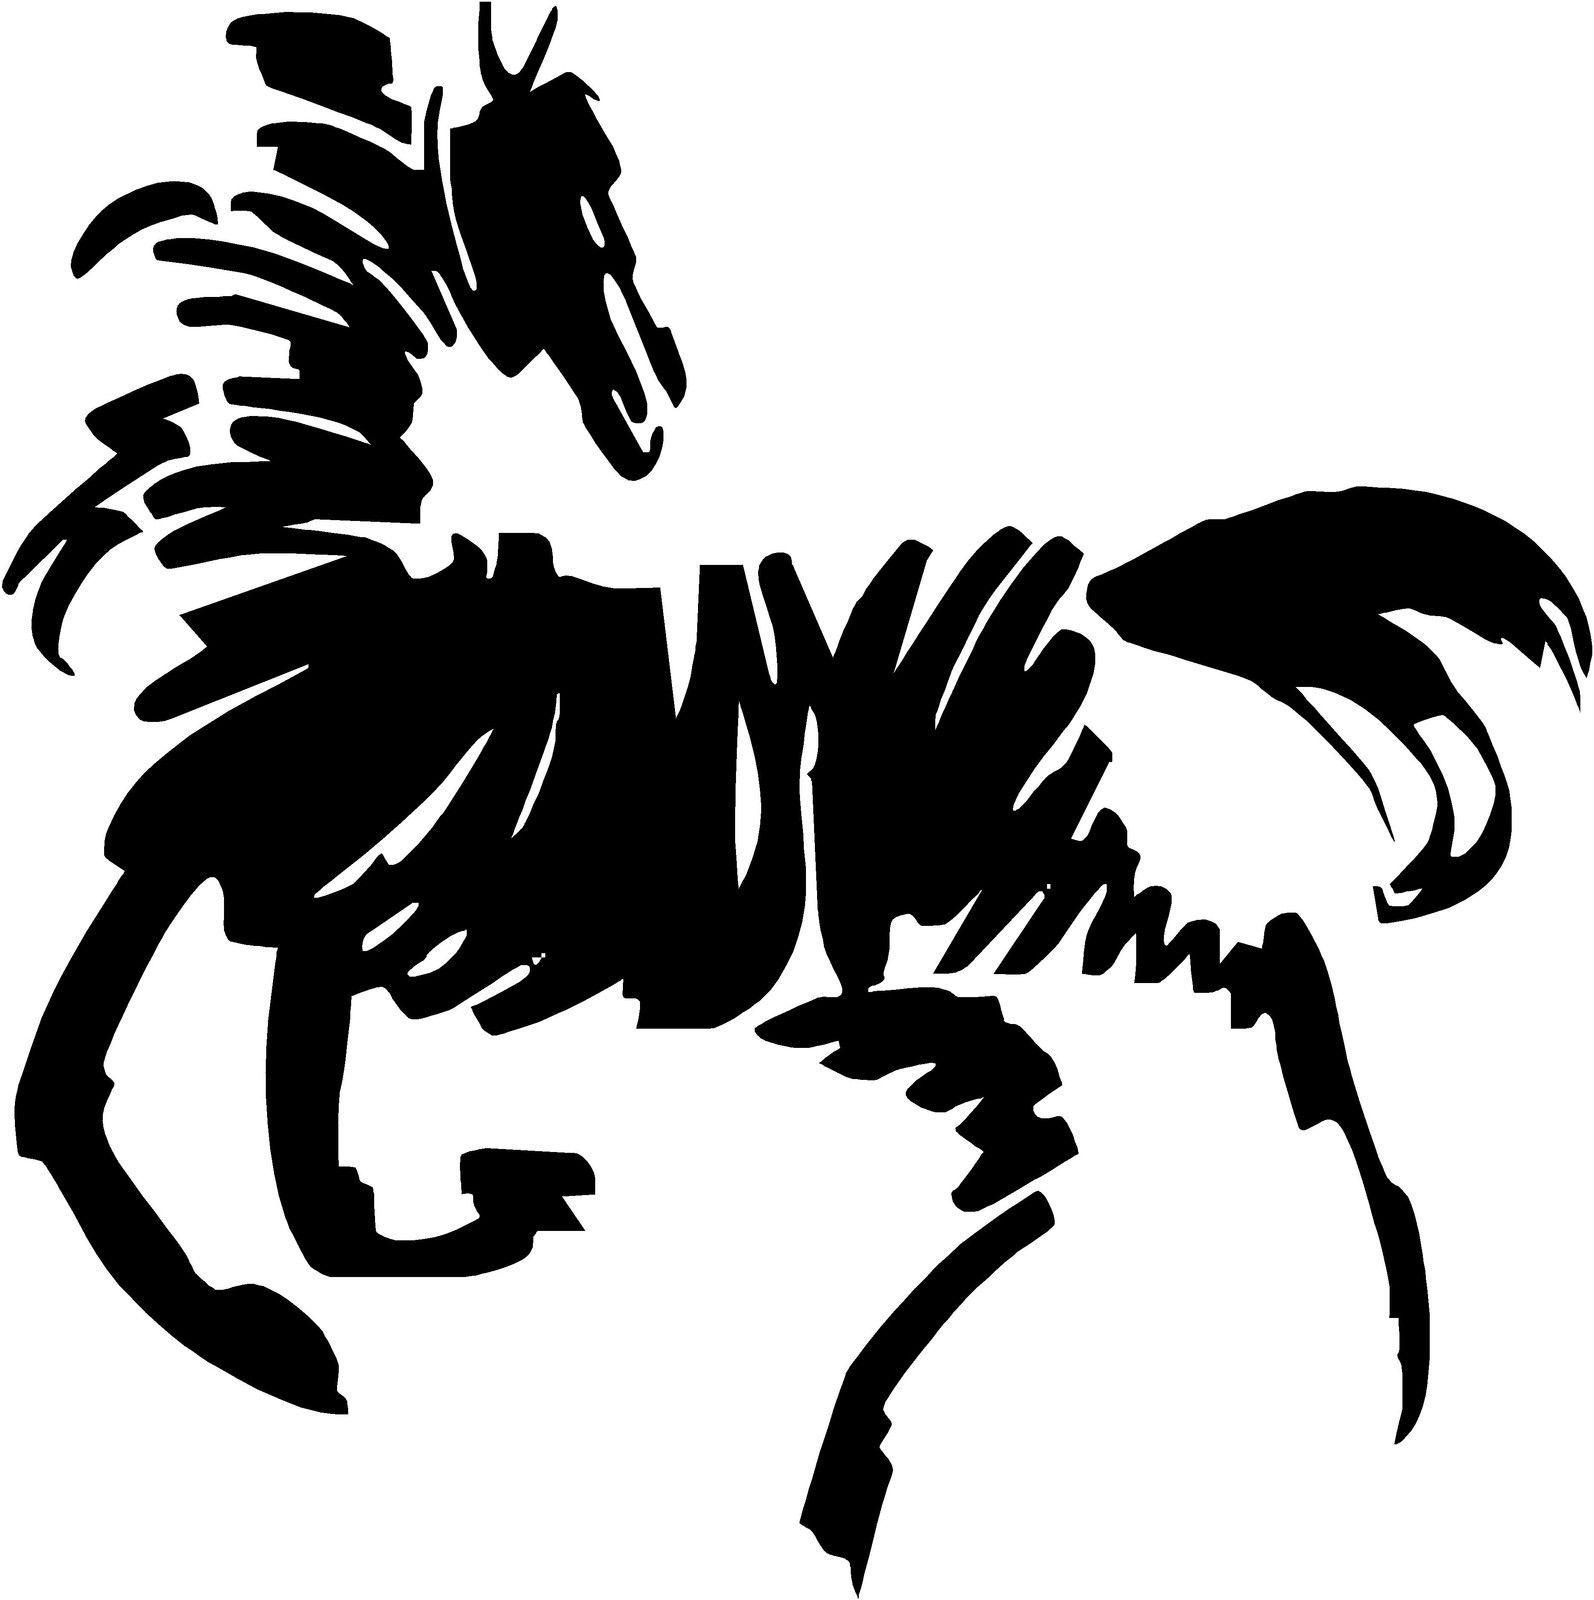 5 5 horse decal 5 75 x5 75 choose color vinyl sticker h6 ebay 05 Mustang Black 5 5 horse decal 5 75 x5 75 choose color vinyl sticker h6 ebay home garden